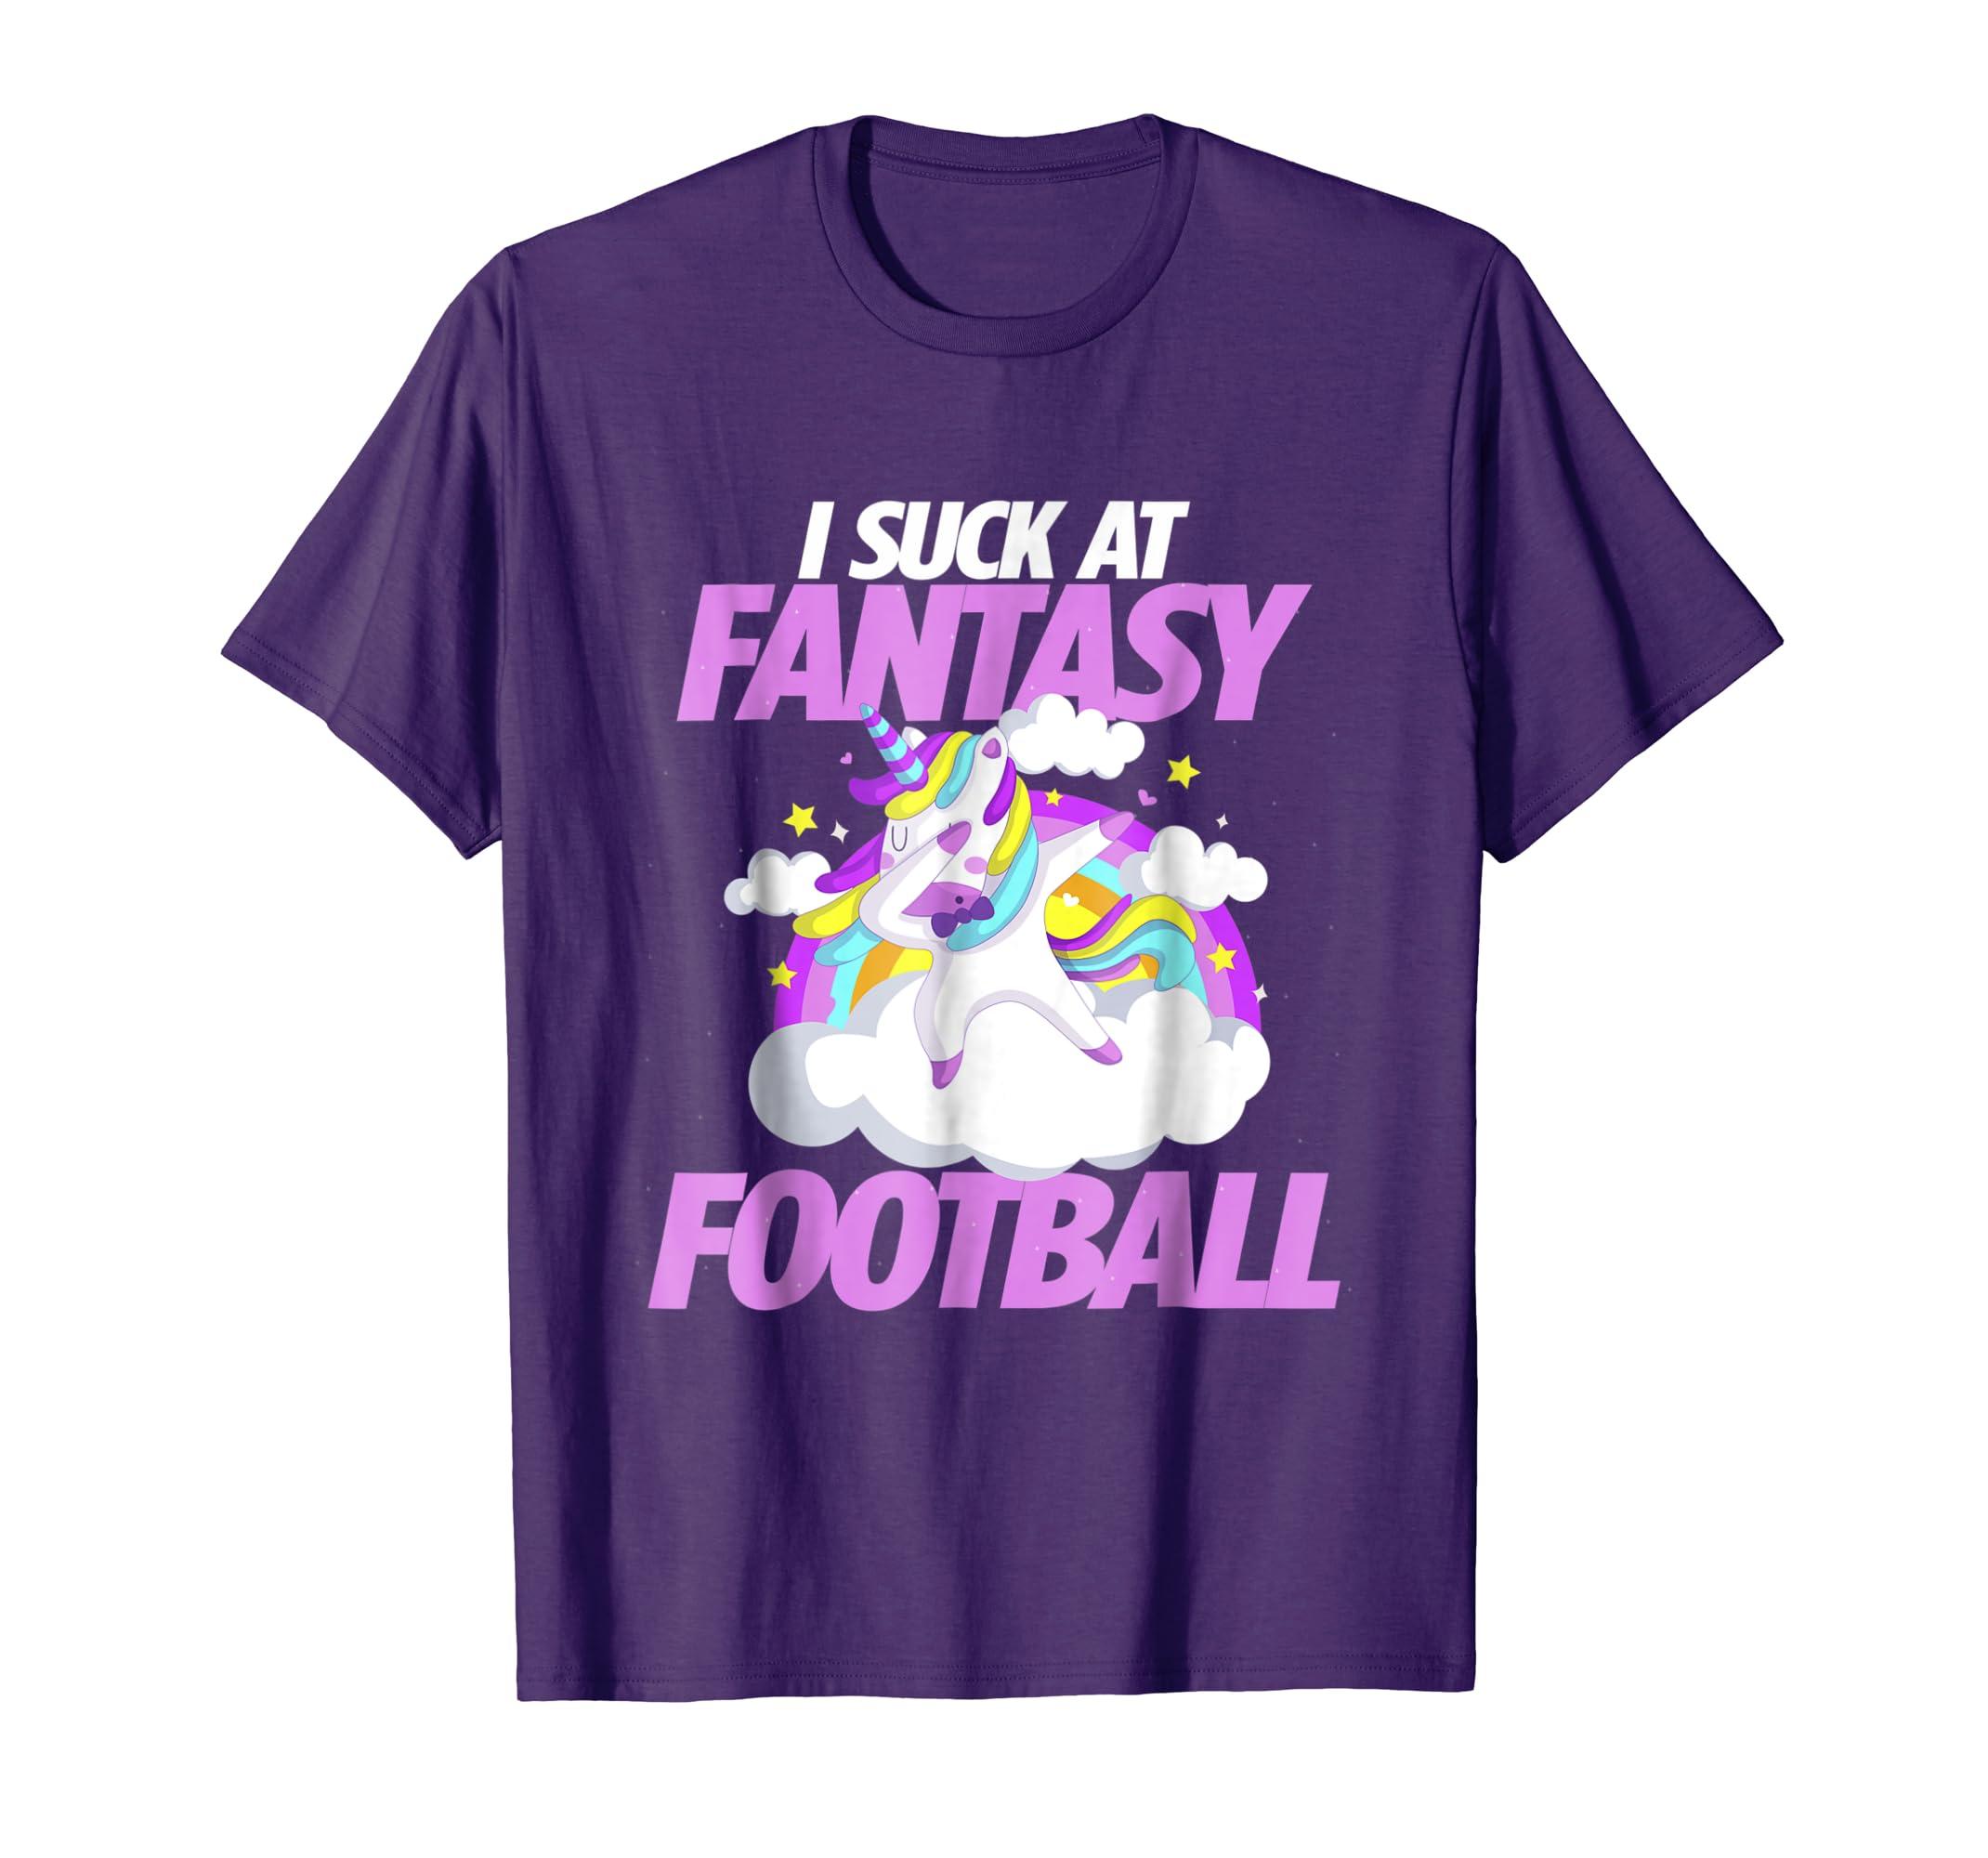 I Suck At Fantasy Football Tshirt